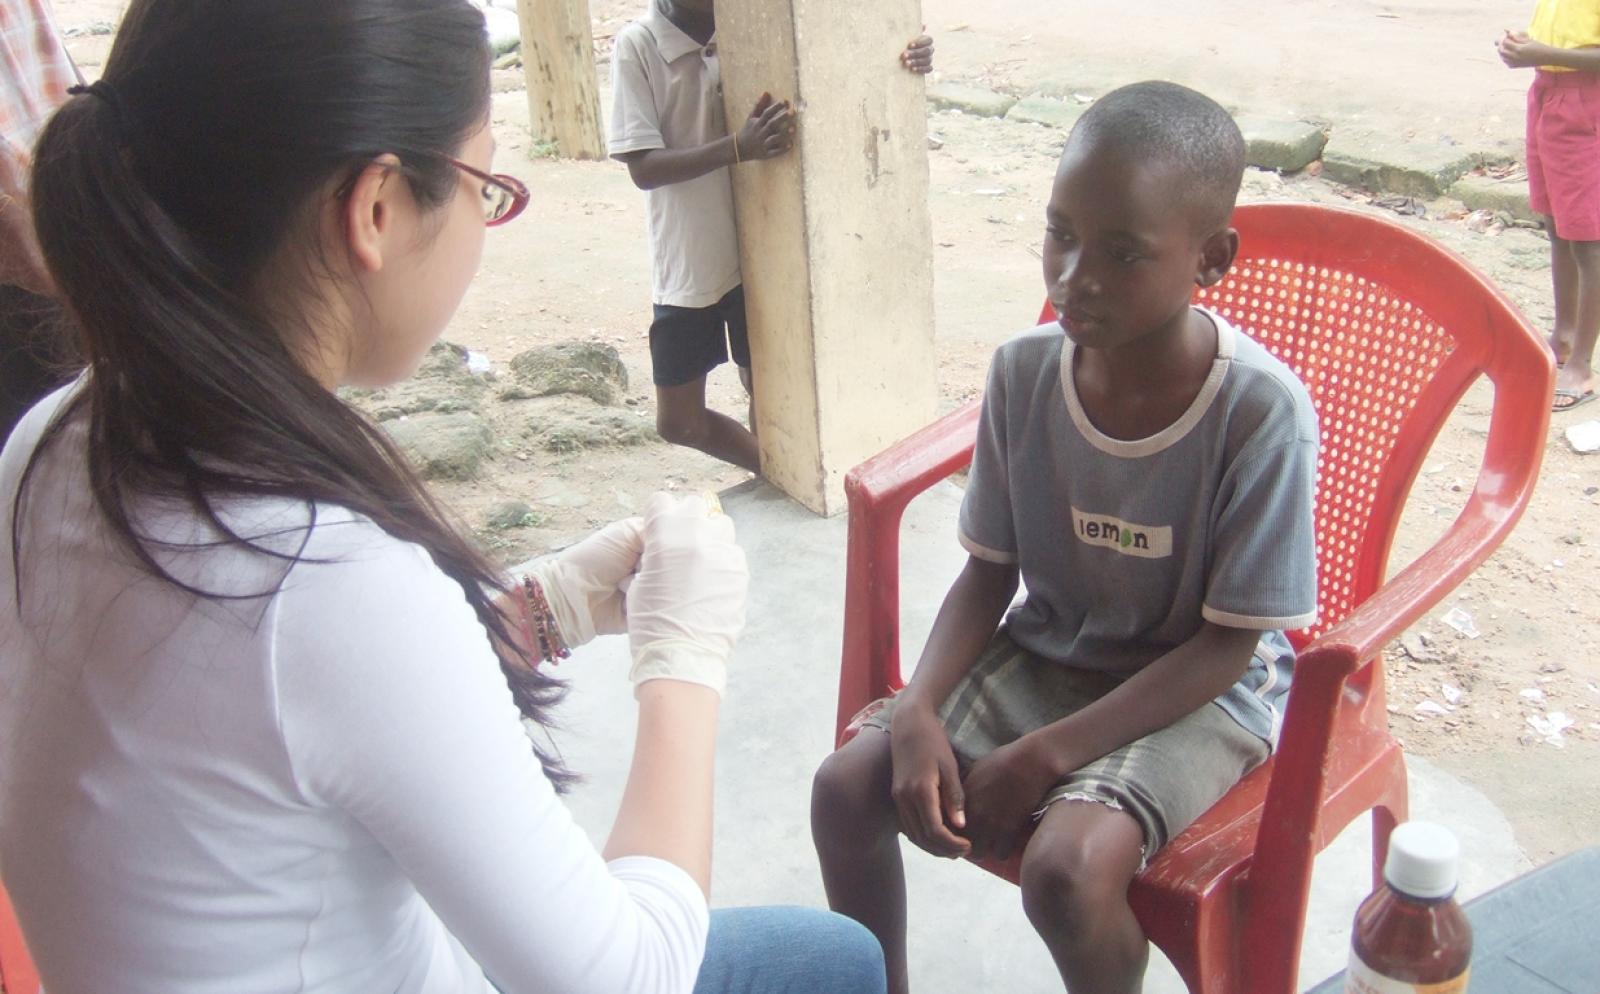 ガーナの子供への基礎ヘルスケア提供をサポートする高校生医療ボランティア